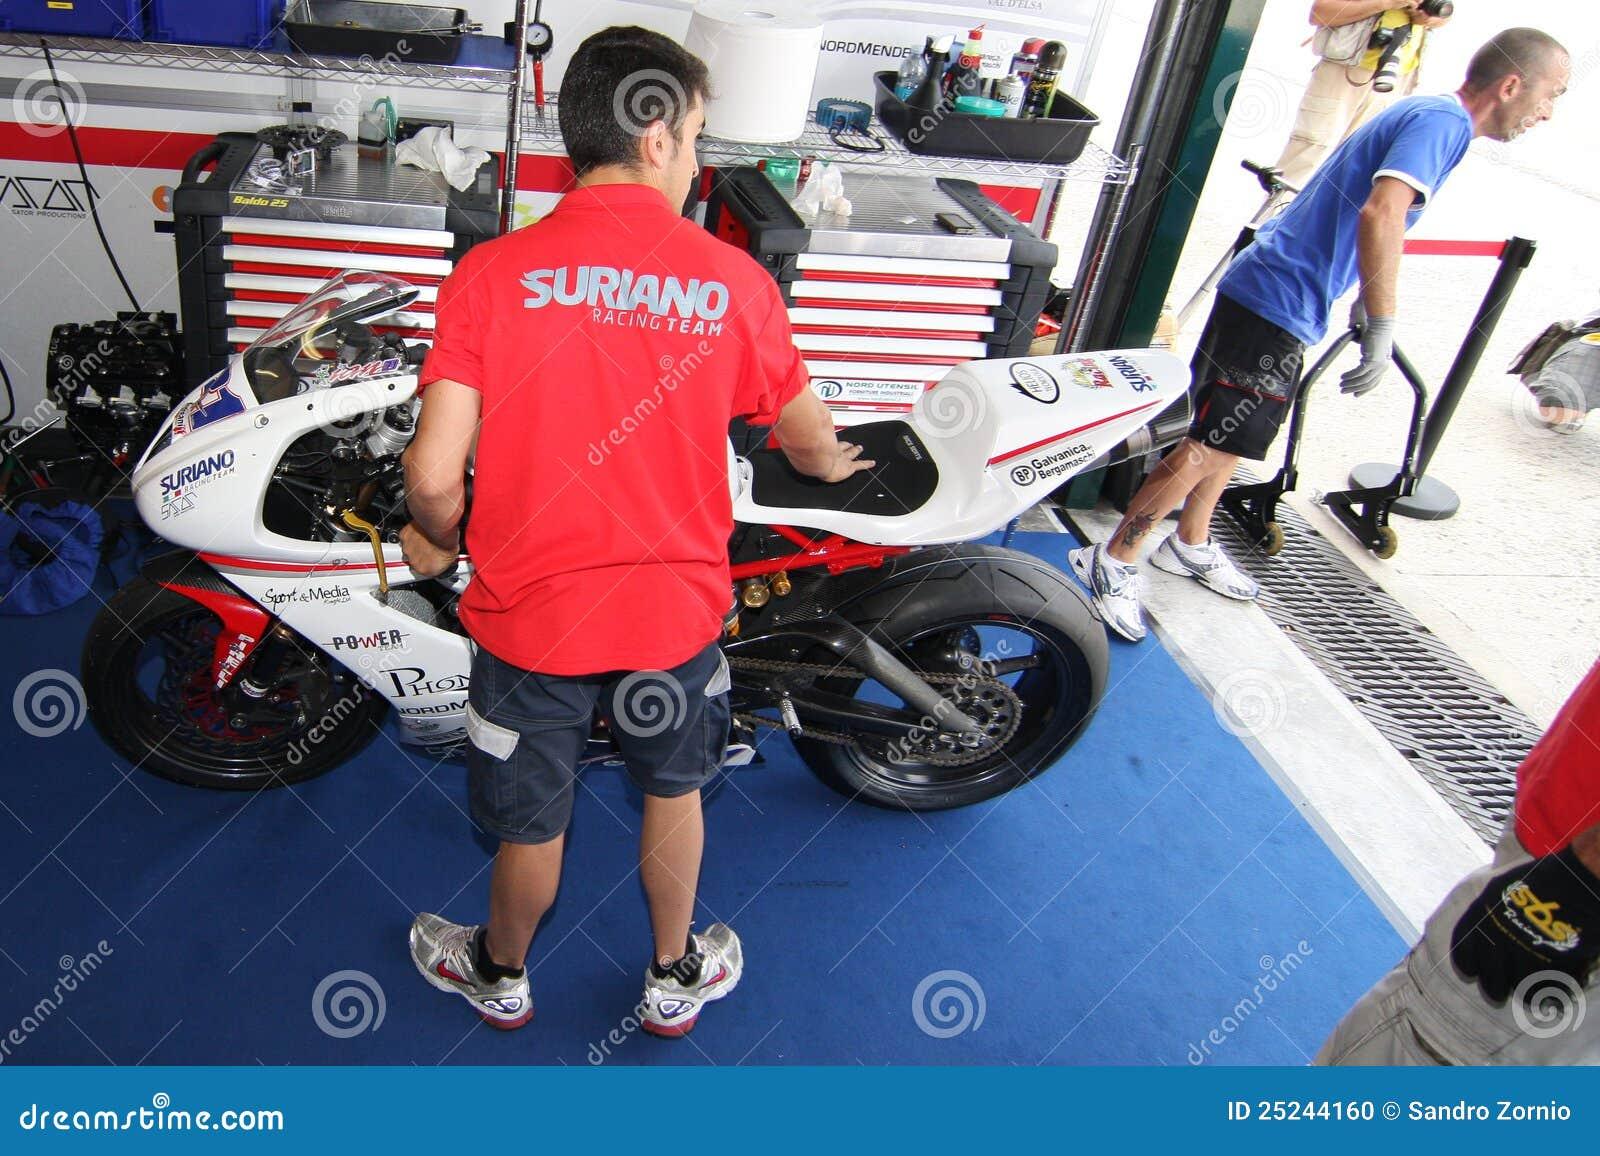 Squadra di potenza da Suriano Triumph Daytona